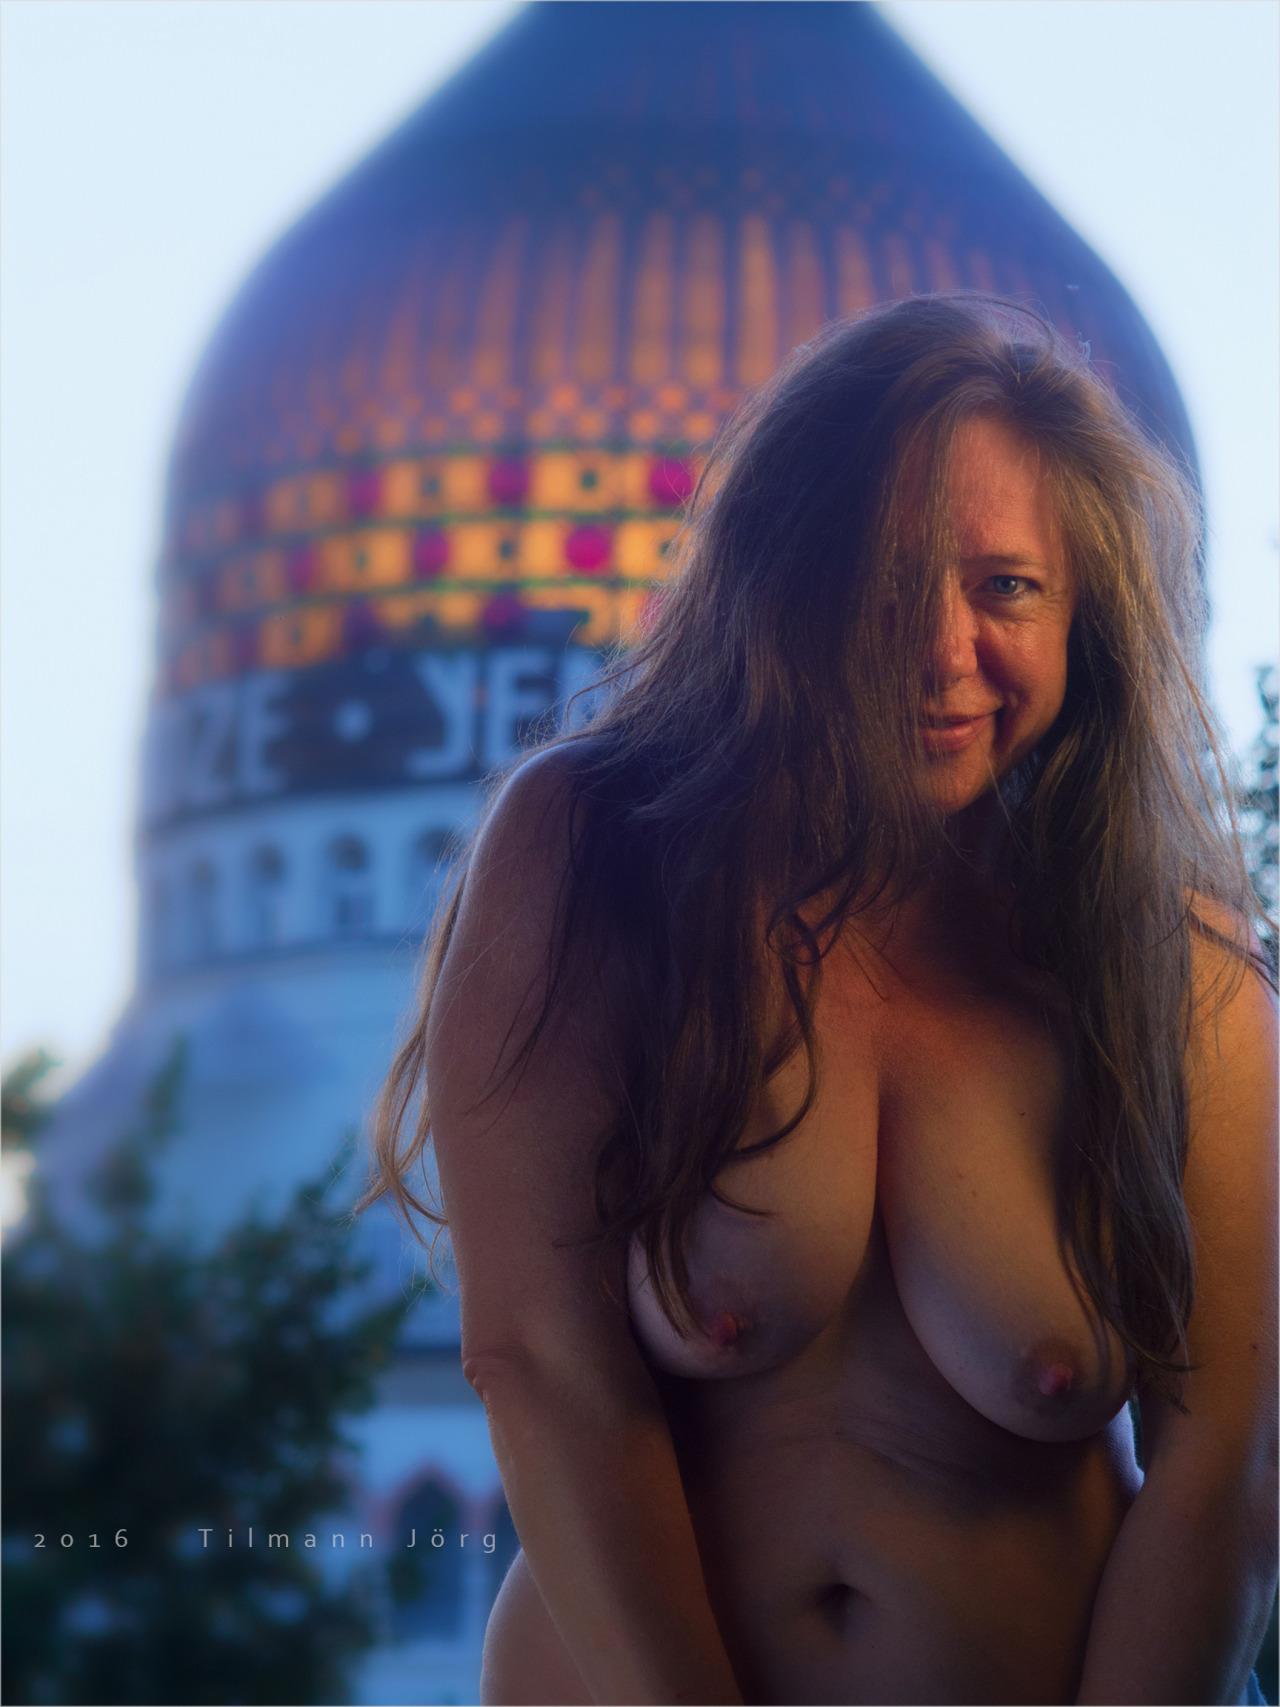 nackte Frau vor Yenidze